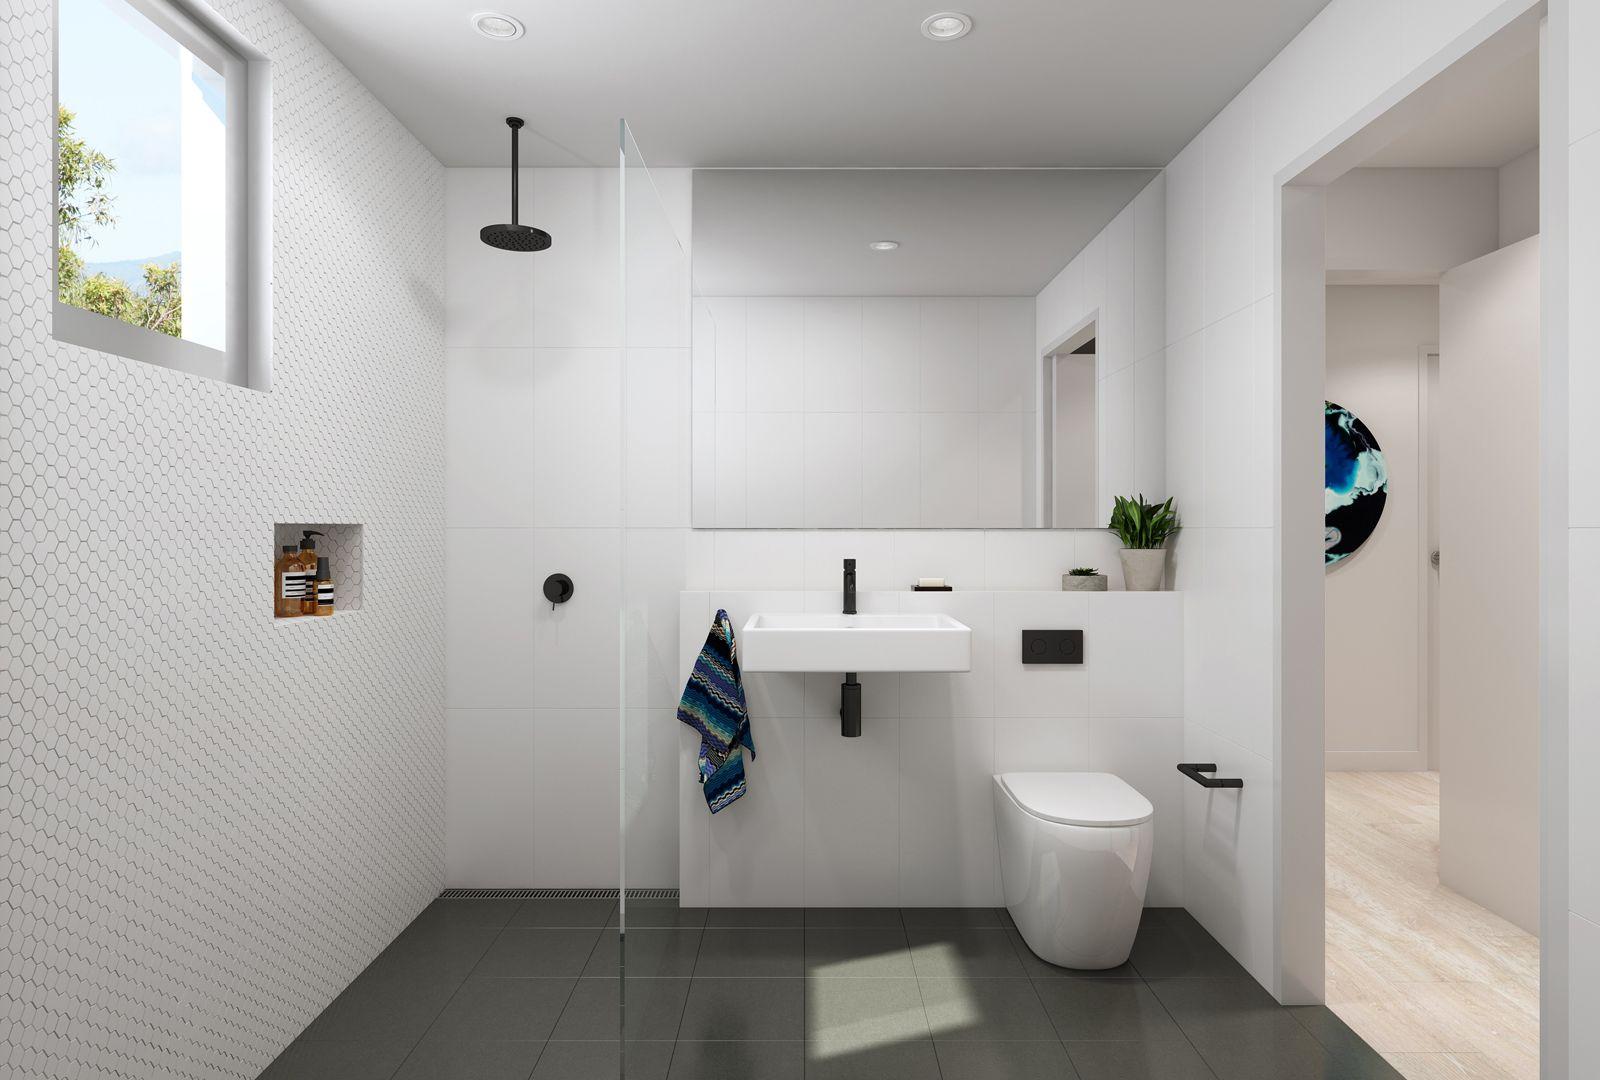 39 Phillip Street, Newtown, NSW 2042, Image 4